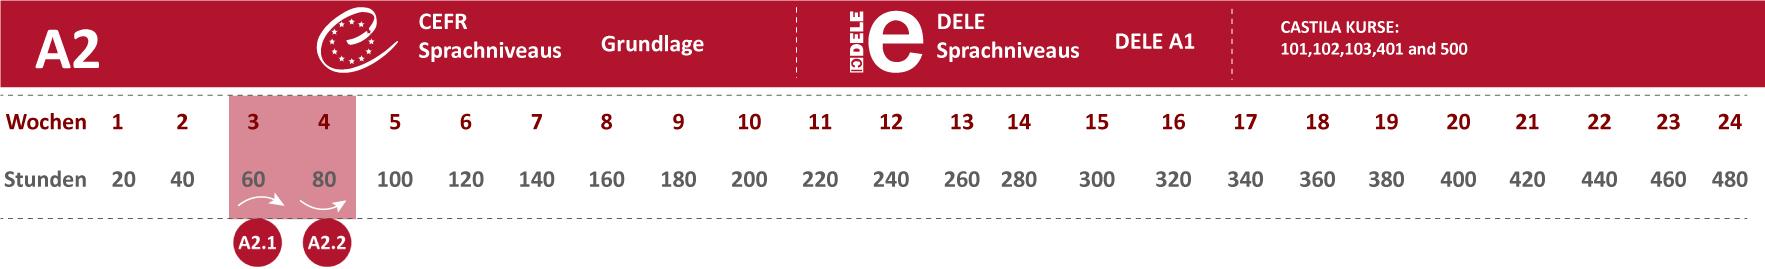 A2 Spanisch